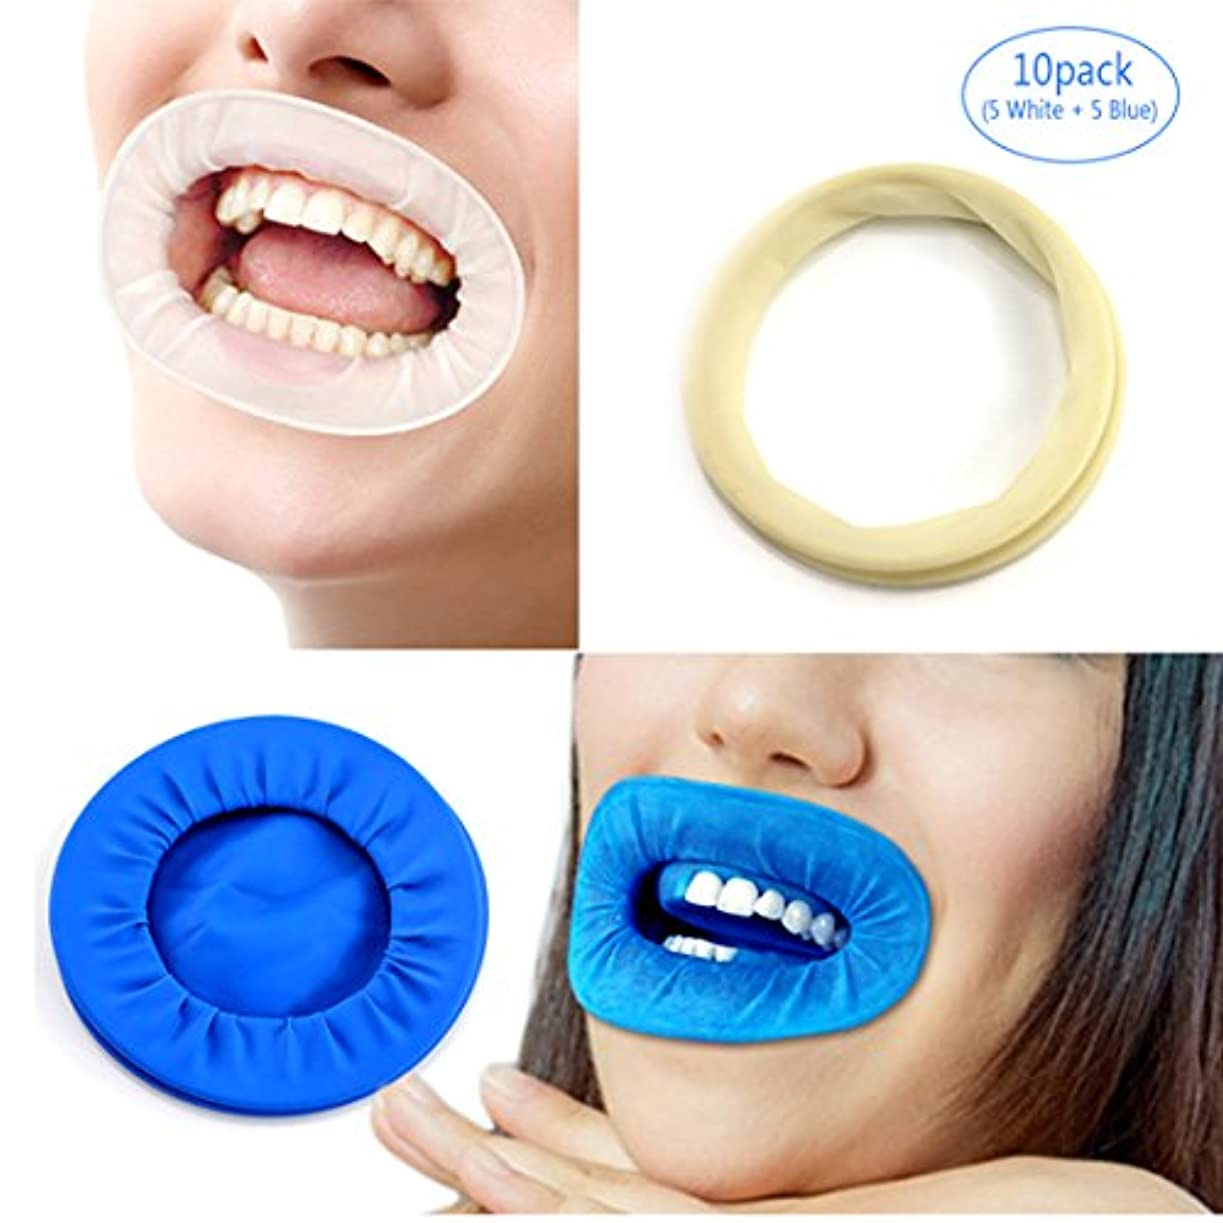 電球タブレットわずかなEZGO 10個歯科用ディスポーザブル非ラテックスラバーティックリトラクタ、ラバーダム&マウスギャグオープナーは歯を分離し、液体、感染症および過酷な化学物質から口を保護します(10パック) (5white+5blue)